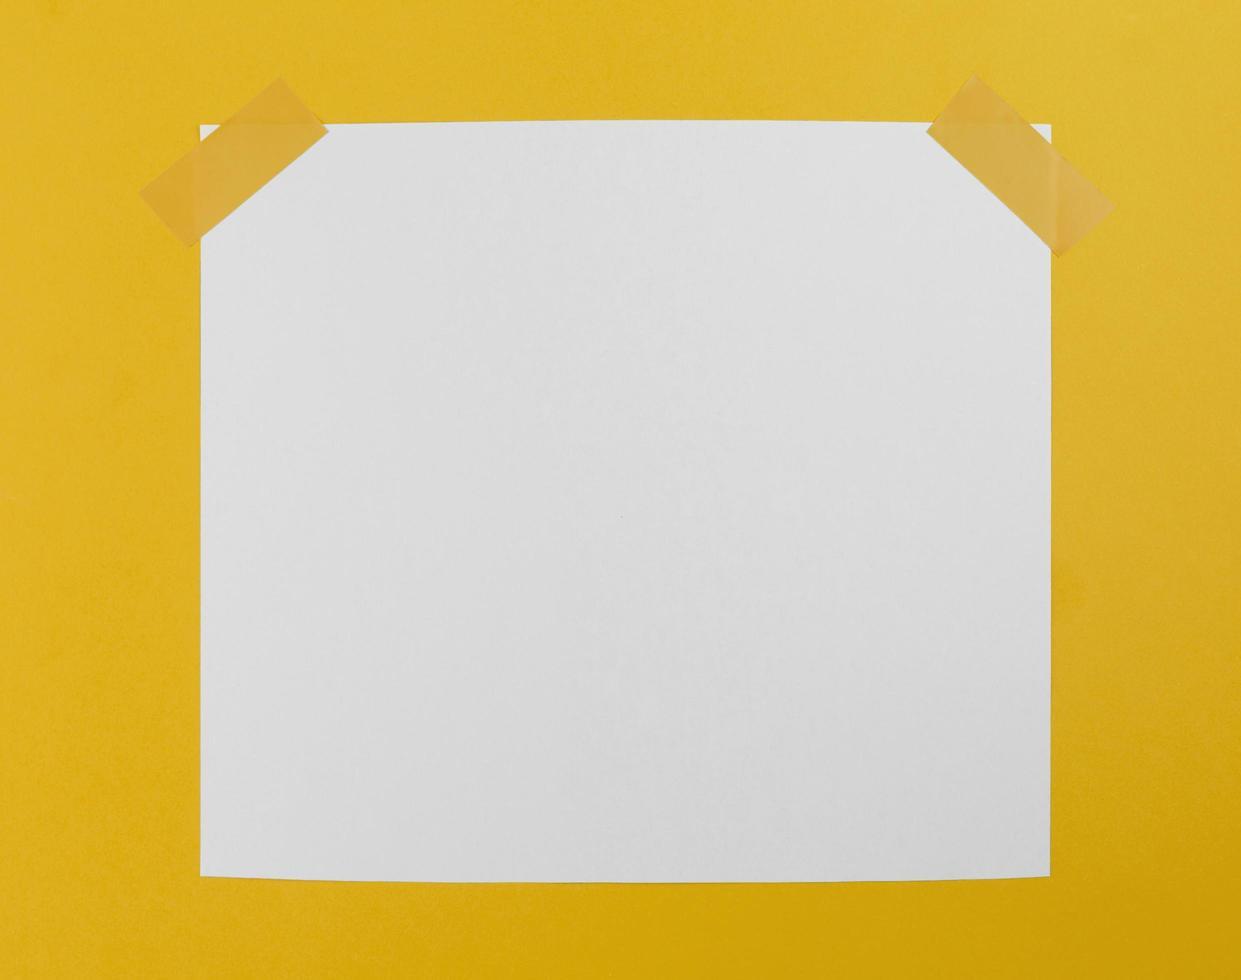 carta vista dall'alto con nastro adesivo foto